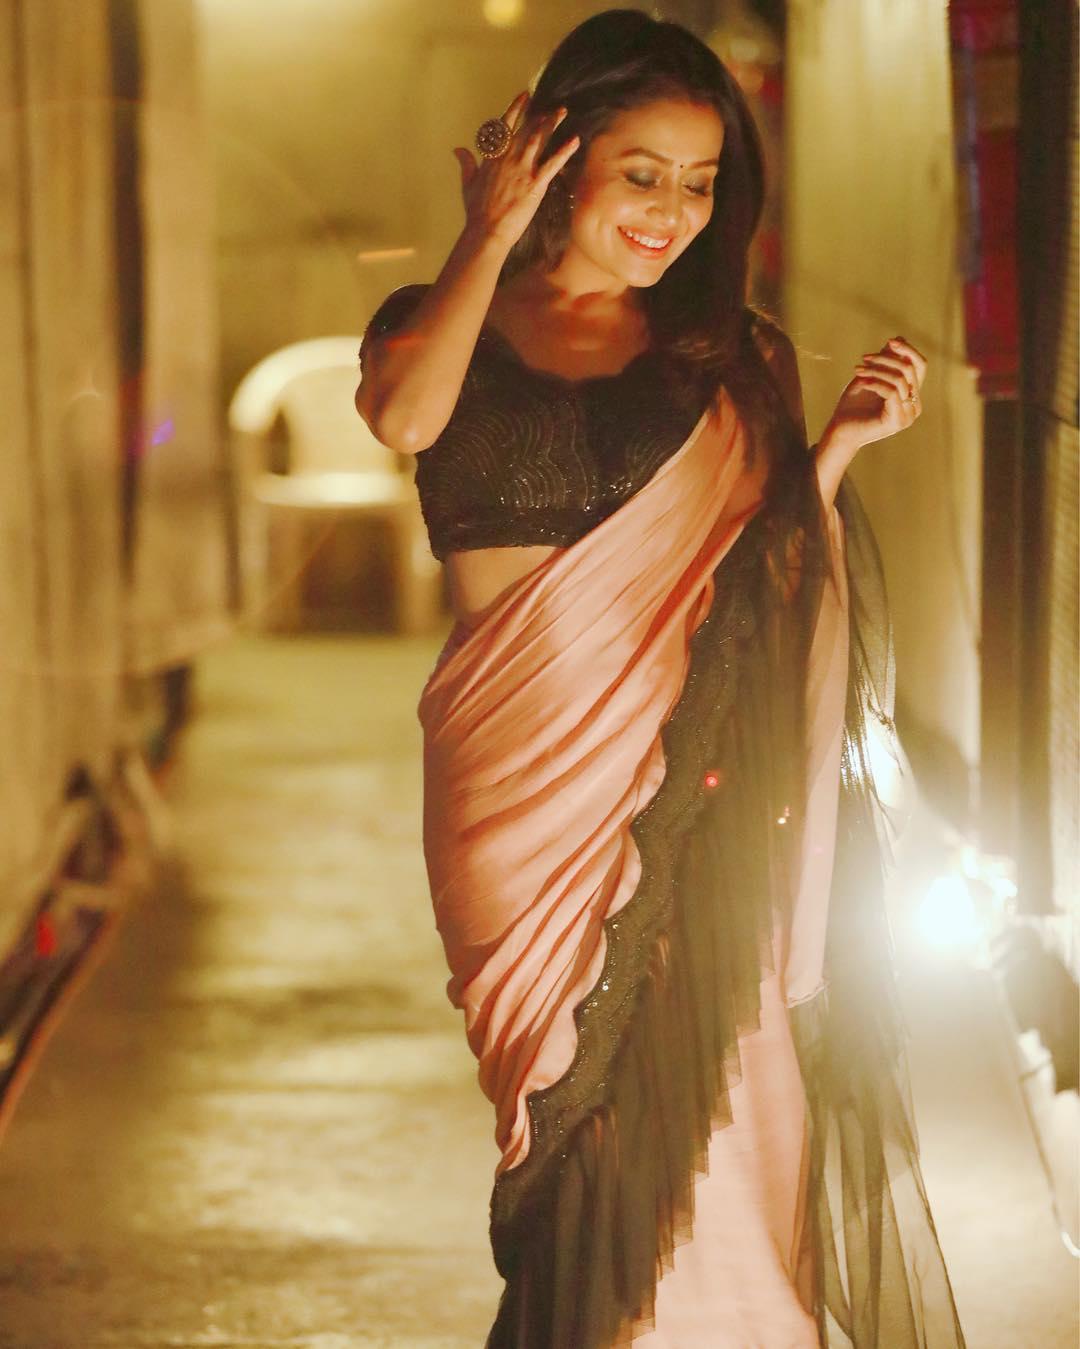 PunjabKesari, Neha Kakkar Image download, ਨੇਹਾ ਕੱਕੜ ਫ਼ੋਟੋ, ਫੁਲ ਇਮੇਜ਼ ਐੱਚਡੀ ਫ਼ੋਟੋ ਫਰੀ ਡਾਊਨਲੋਡ